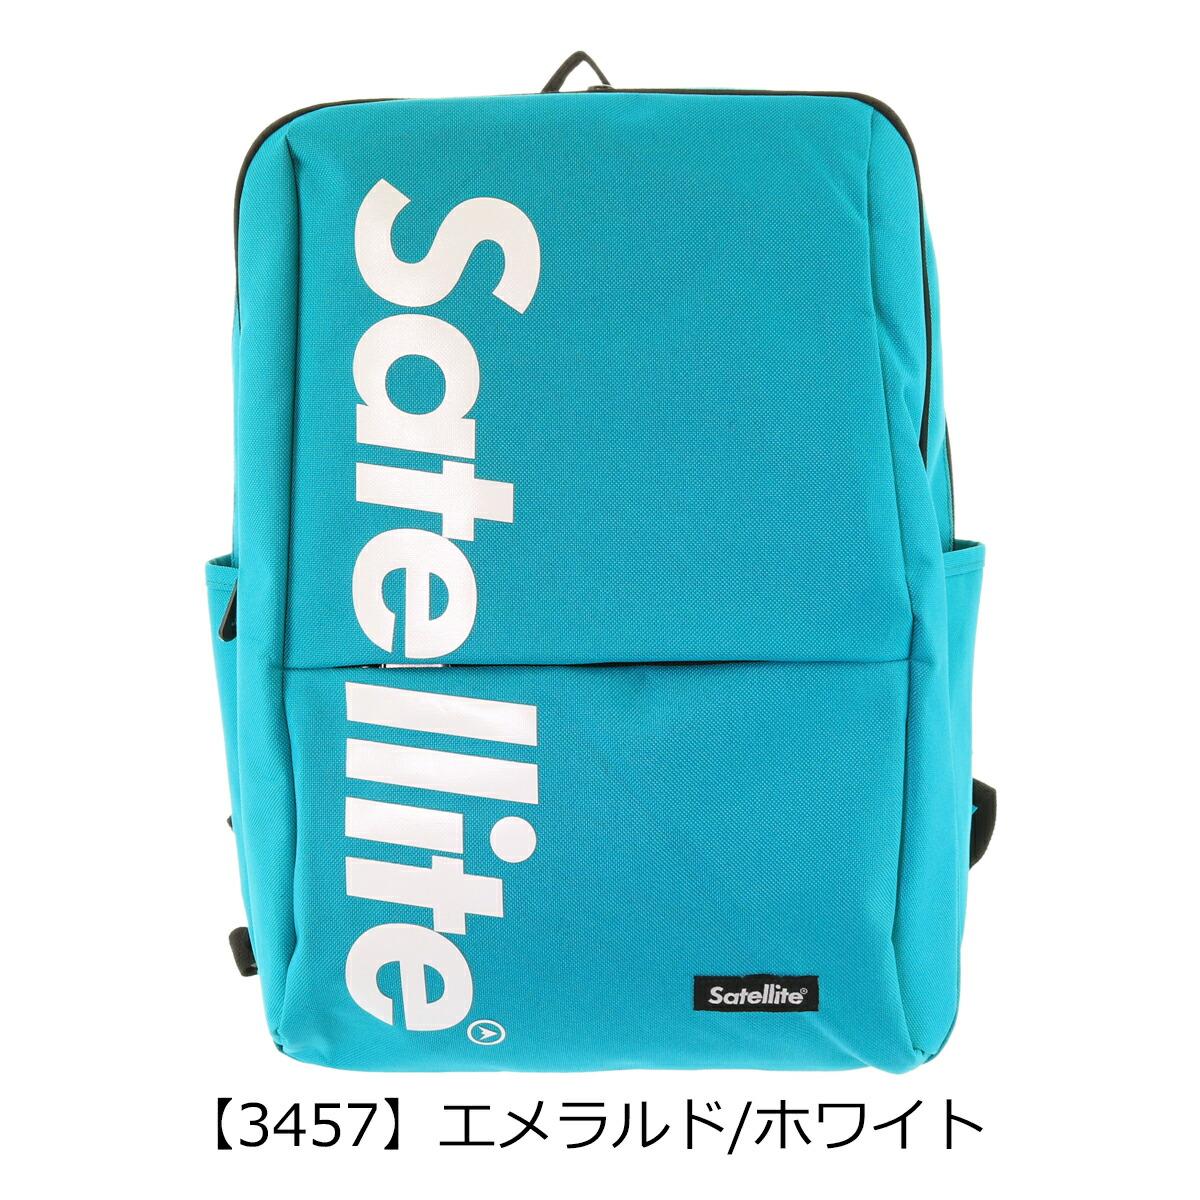 【3457】エメラルド/ホワイト